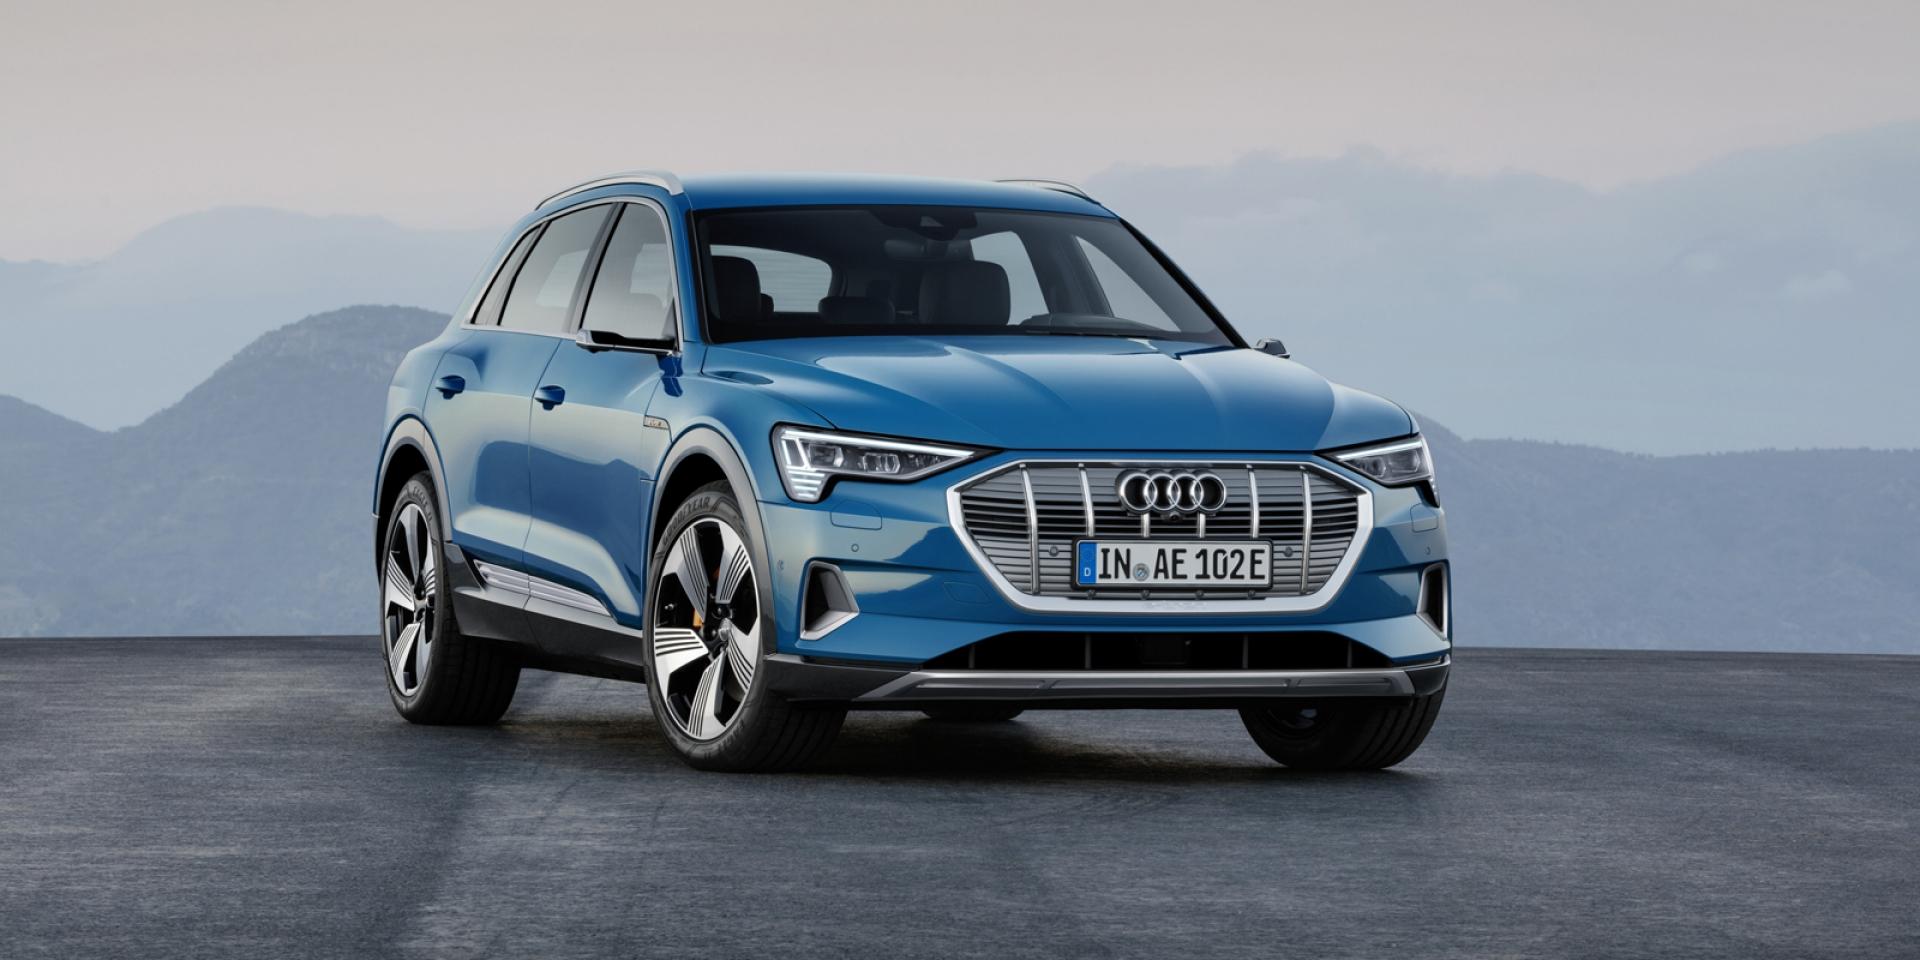 官方新聞稿。Audi e-tron電池外殼獲ASI認證,與Umicore合作開發電池循環利用技術